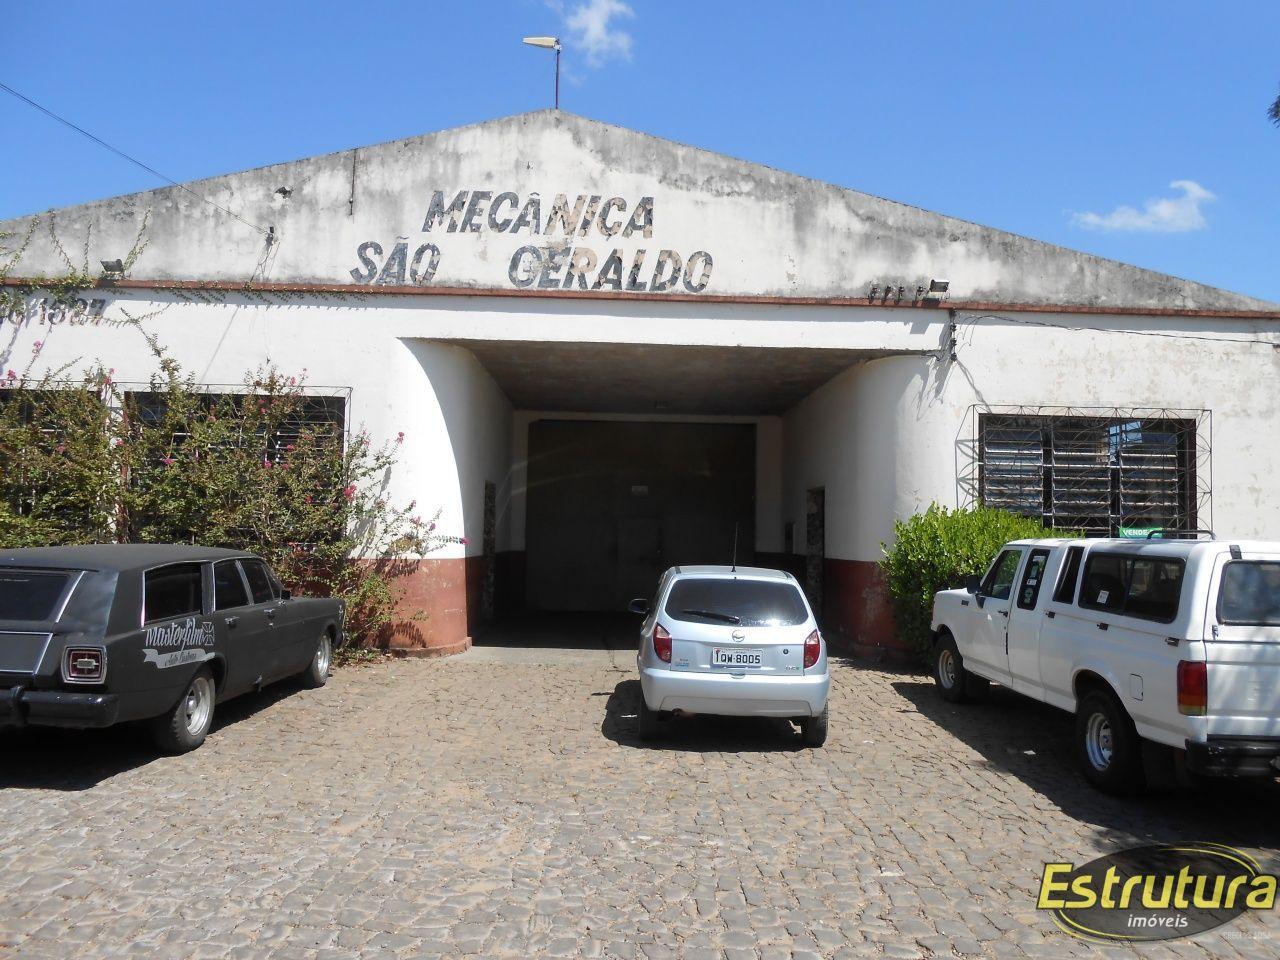 Pavilhão/galpão/depósito à venda  no Centro - São Pedro do Sul, RS. Imóveis